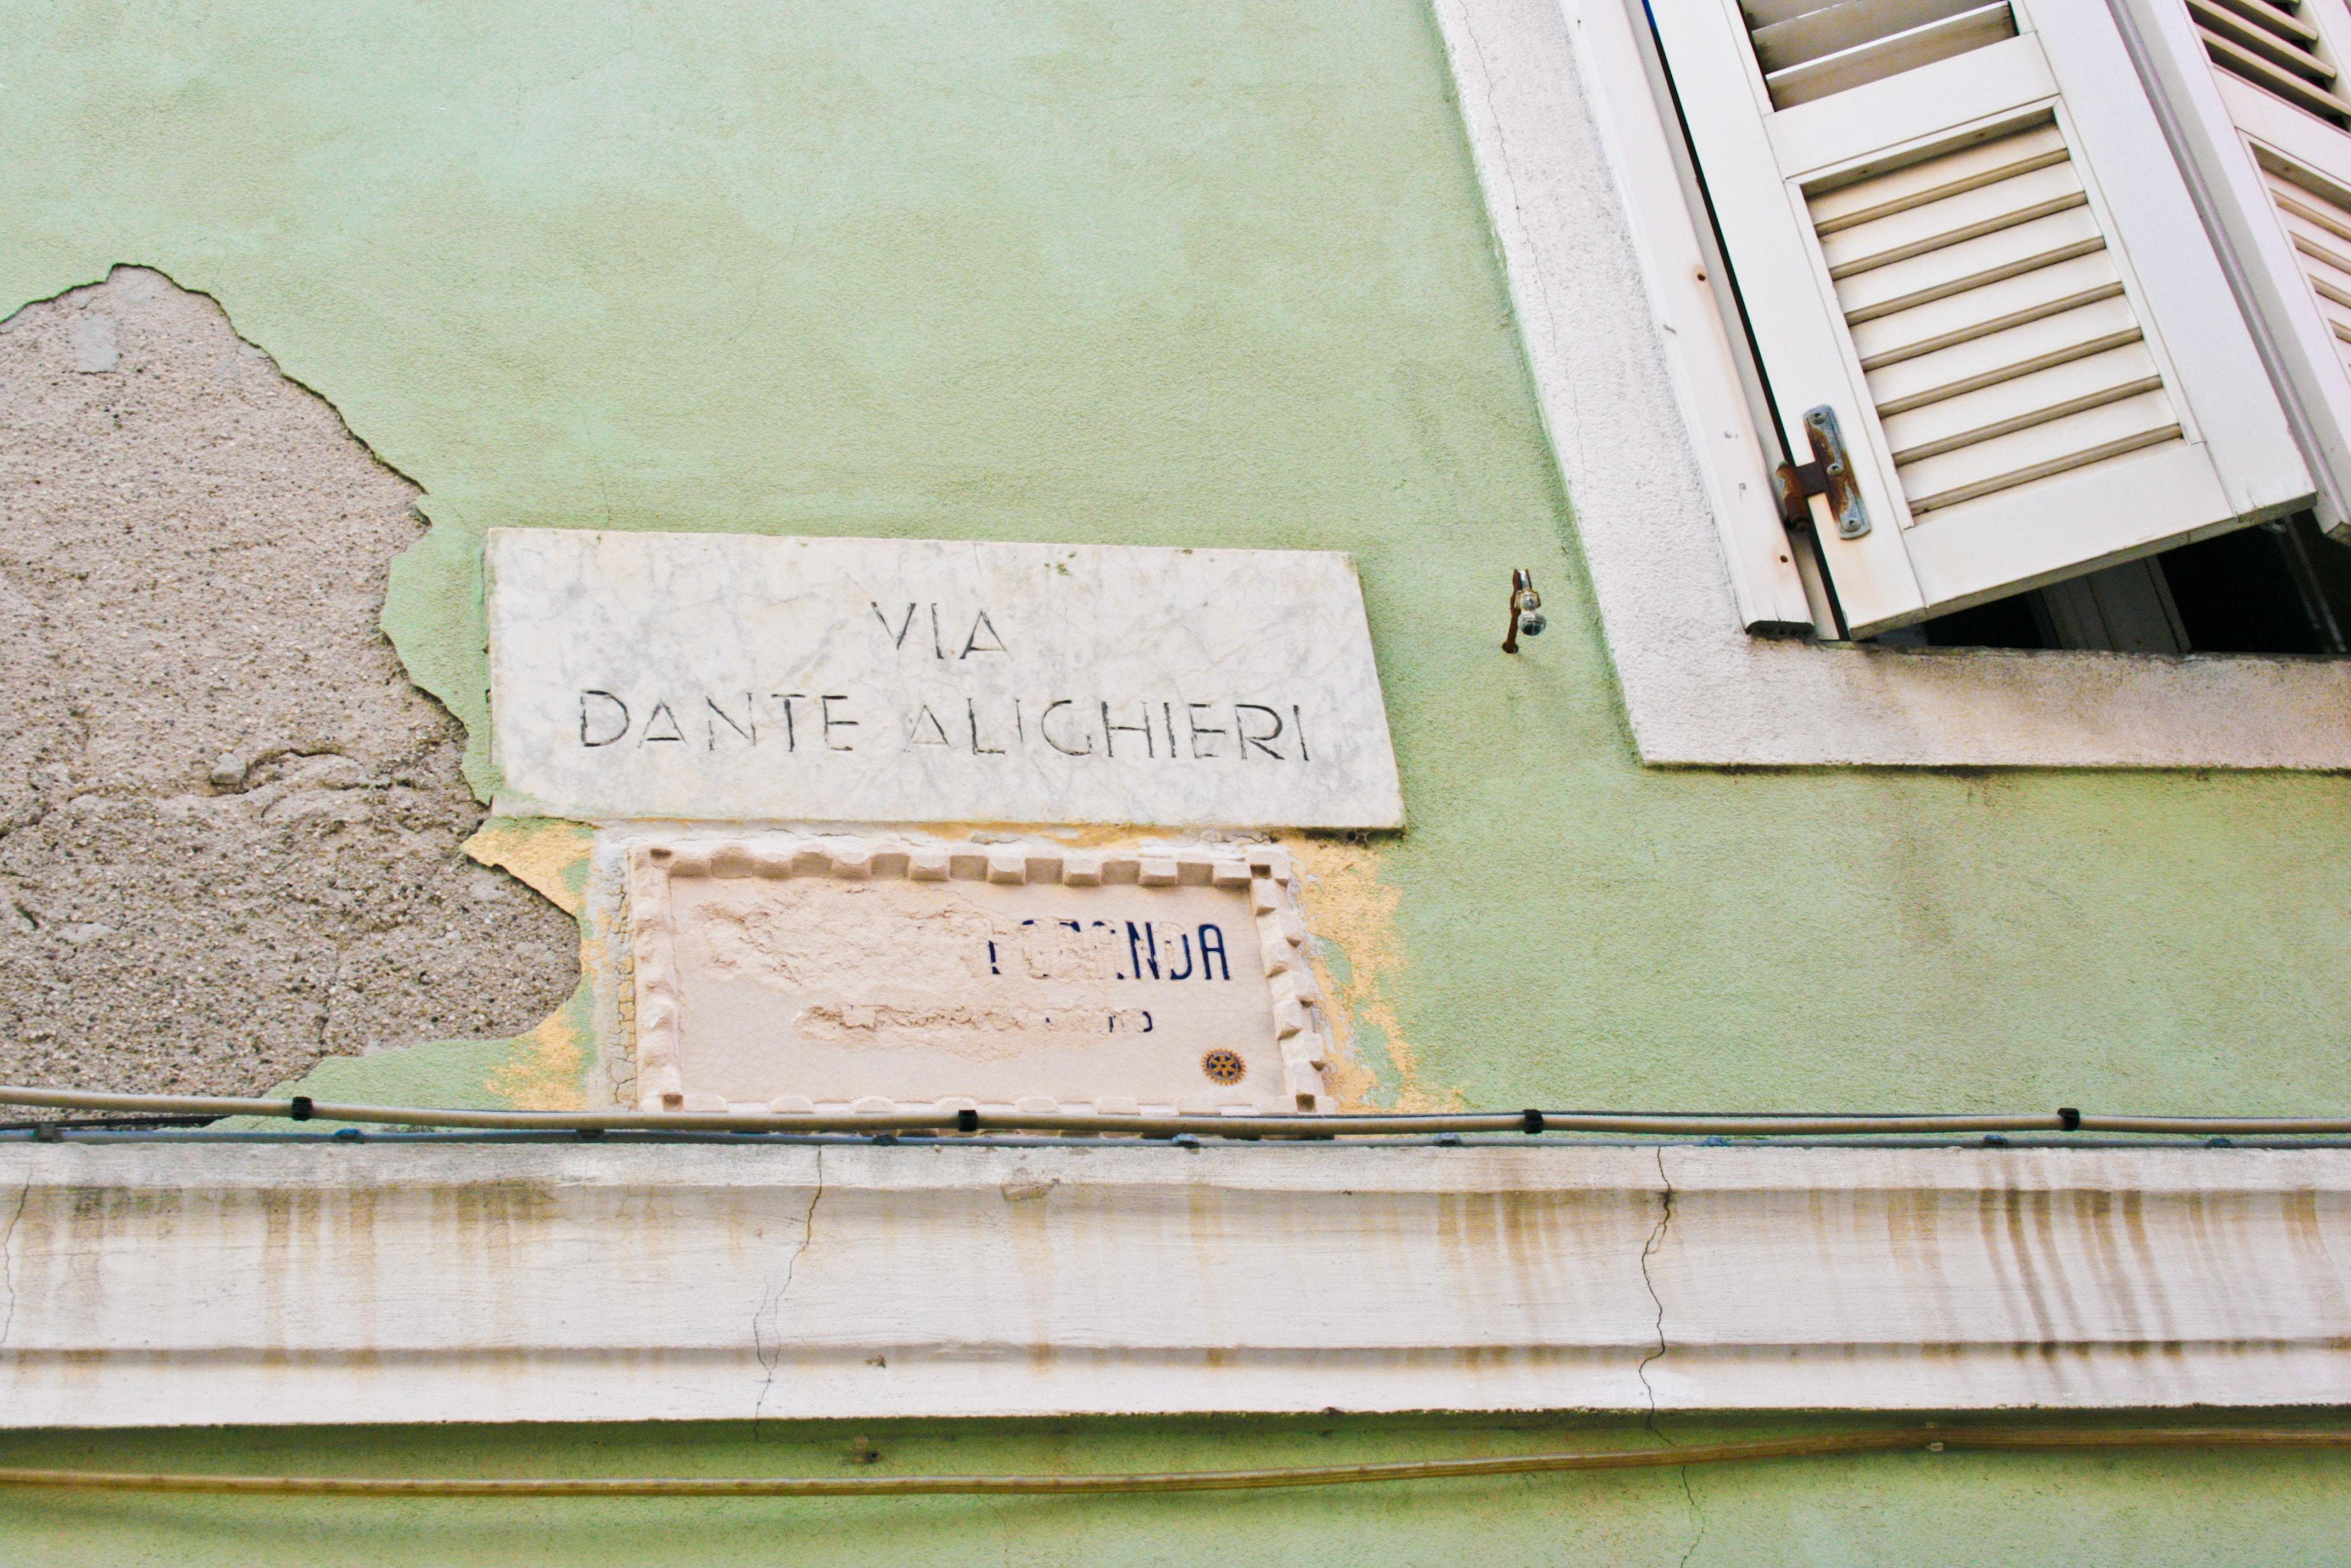 photo of Via Dante signage